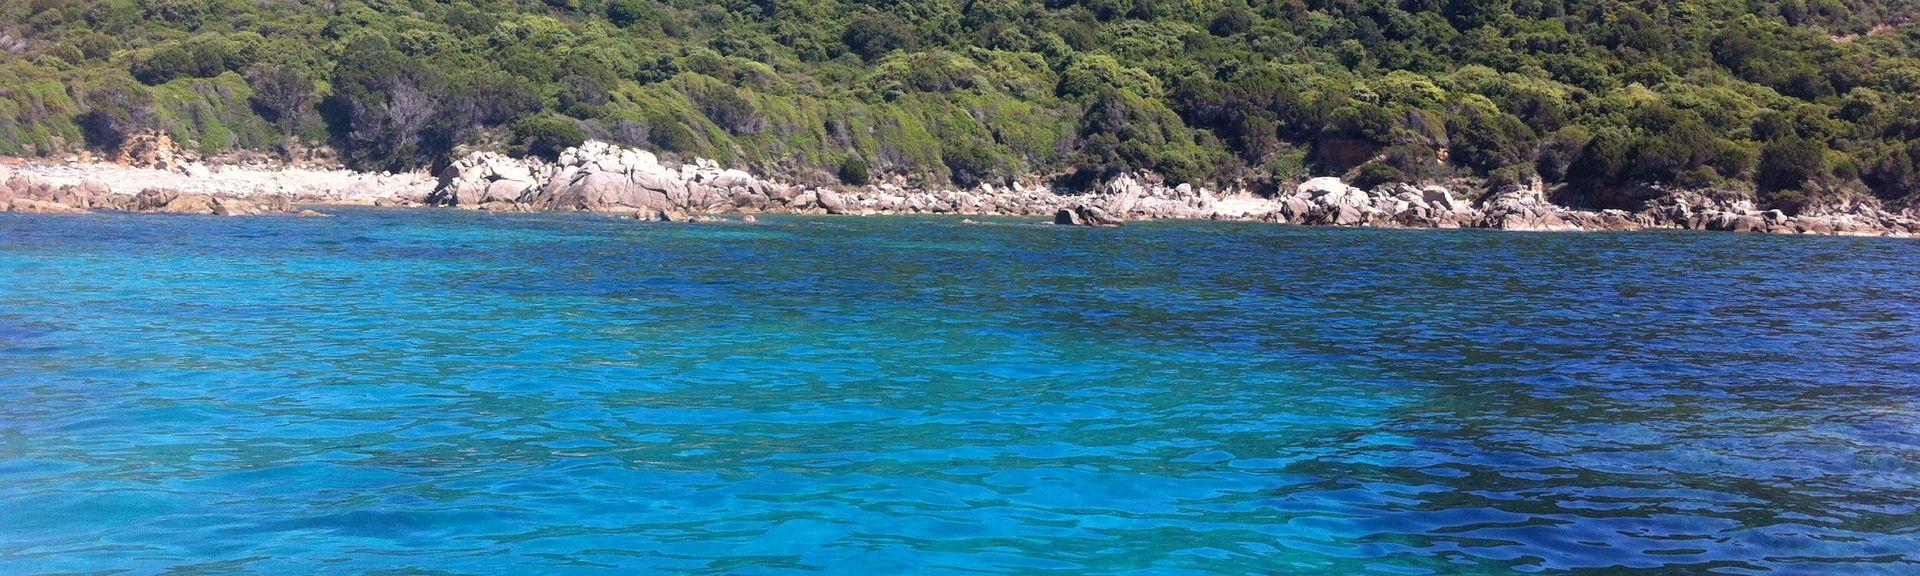 Molini, Albitreccia, Corse, France